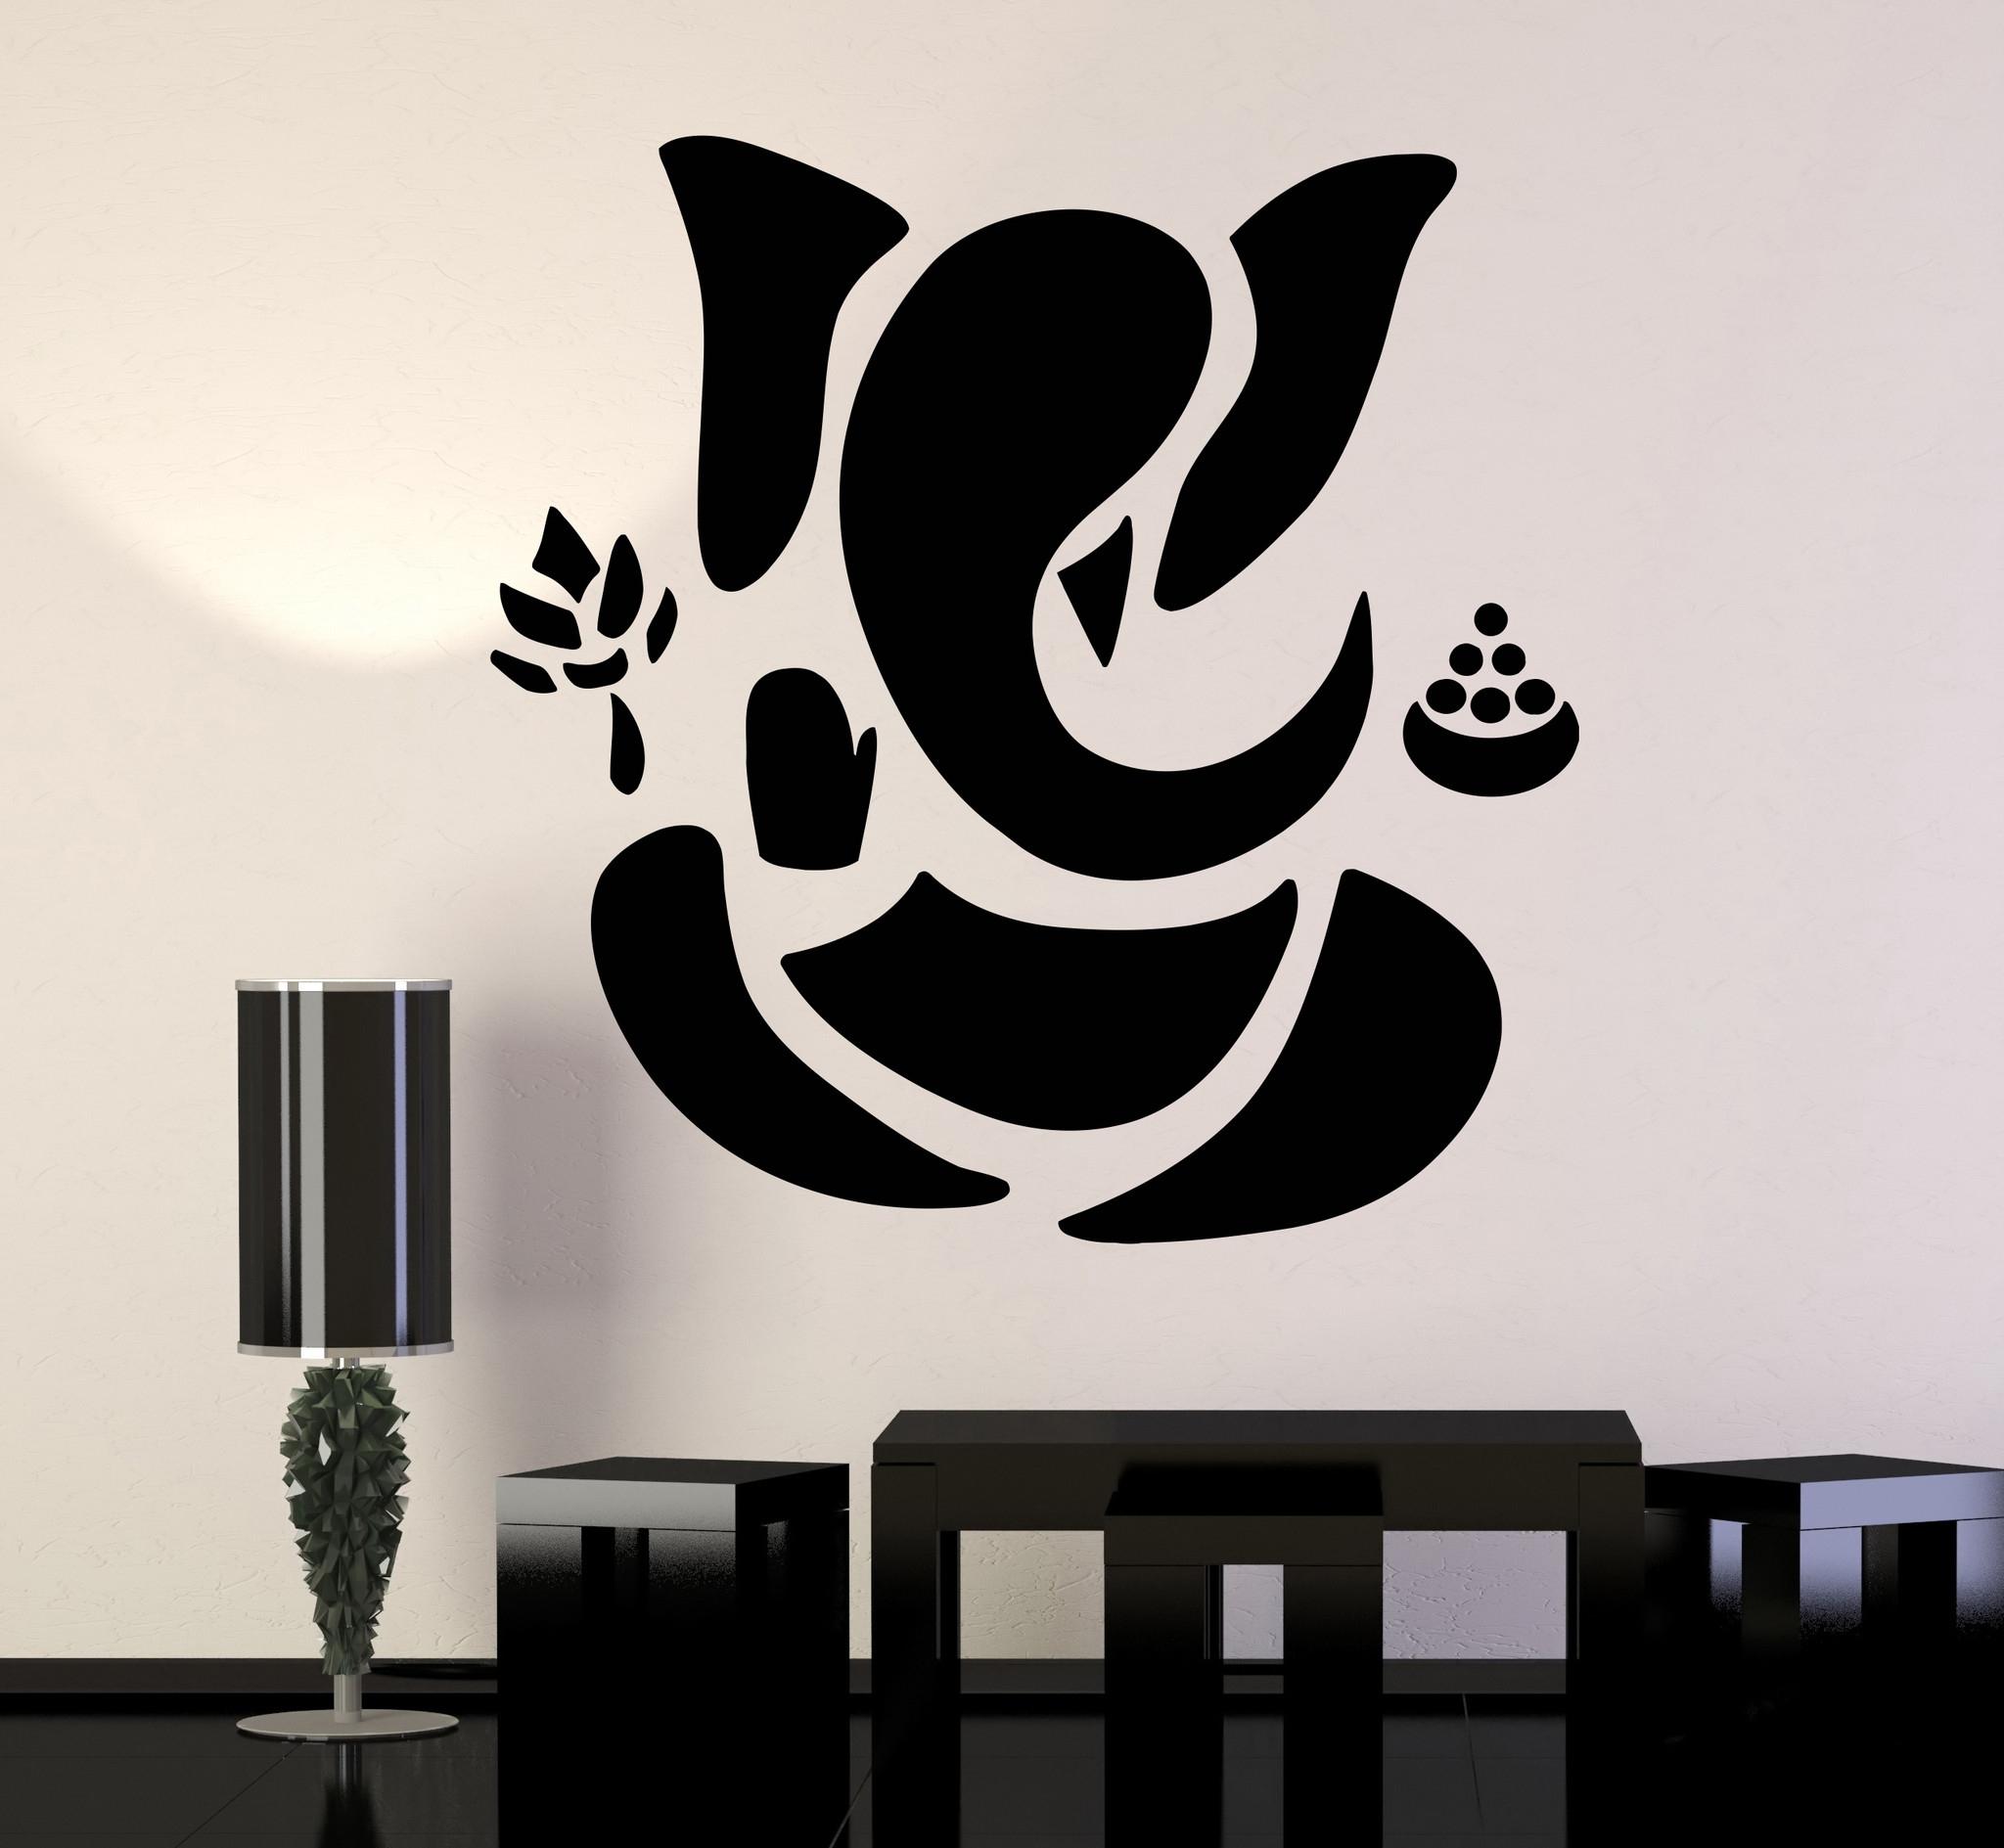 Vinyl Wall Decal Abstract Ganesha Hindu Hinduism Vedas God Pertaining To Recent Abstract Ganesha Wall Art (View 17 of 20)